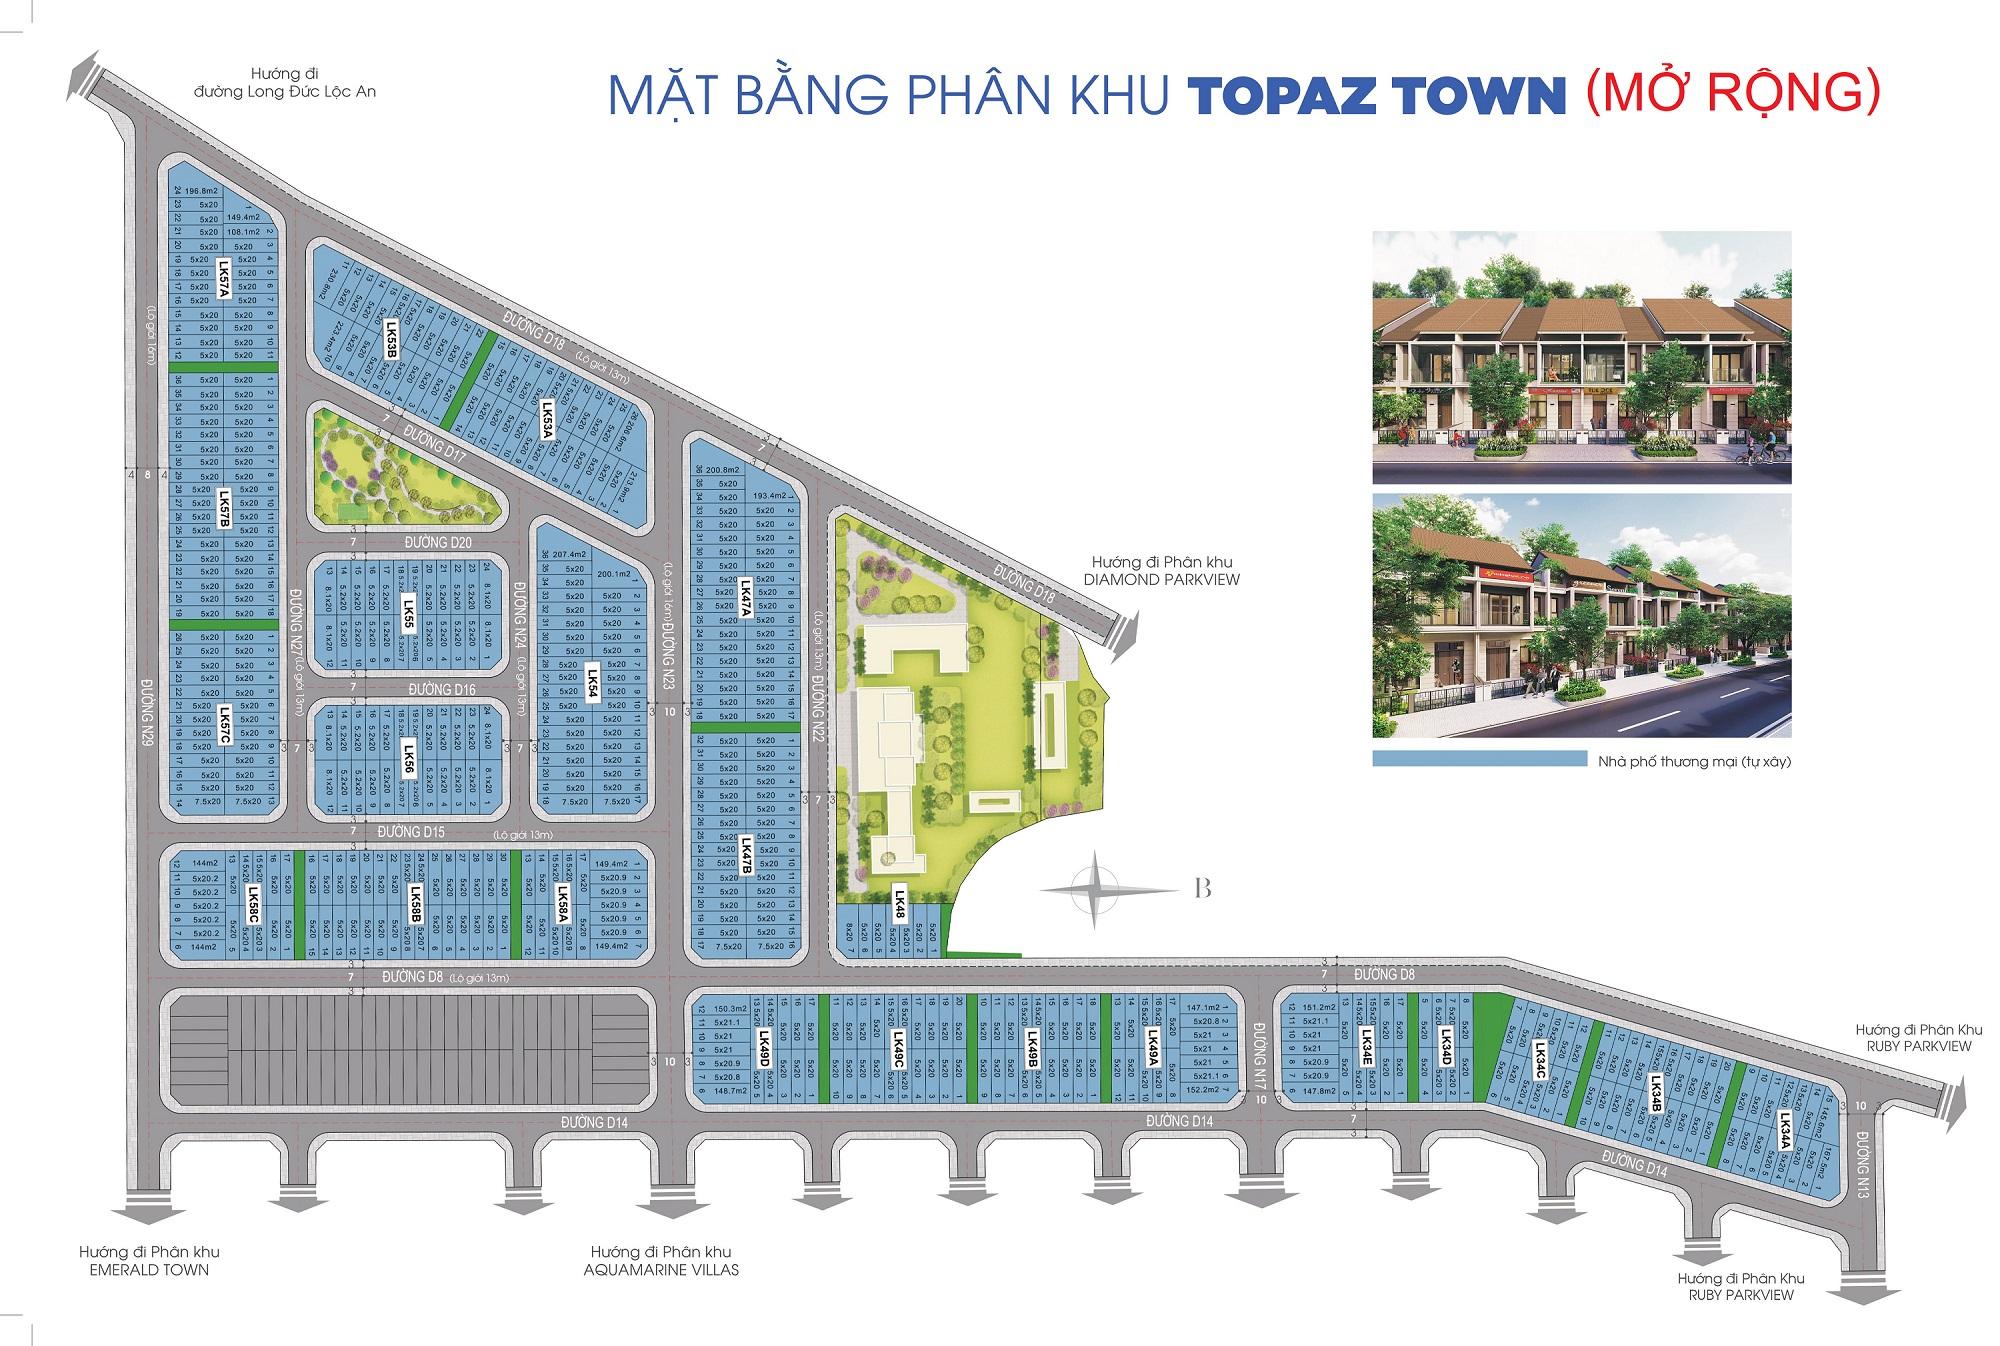 Phân khu Topaz Town Gem Sky World mở rộng